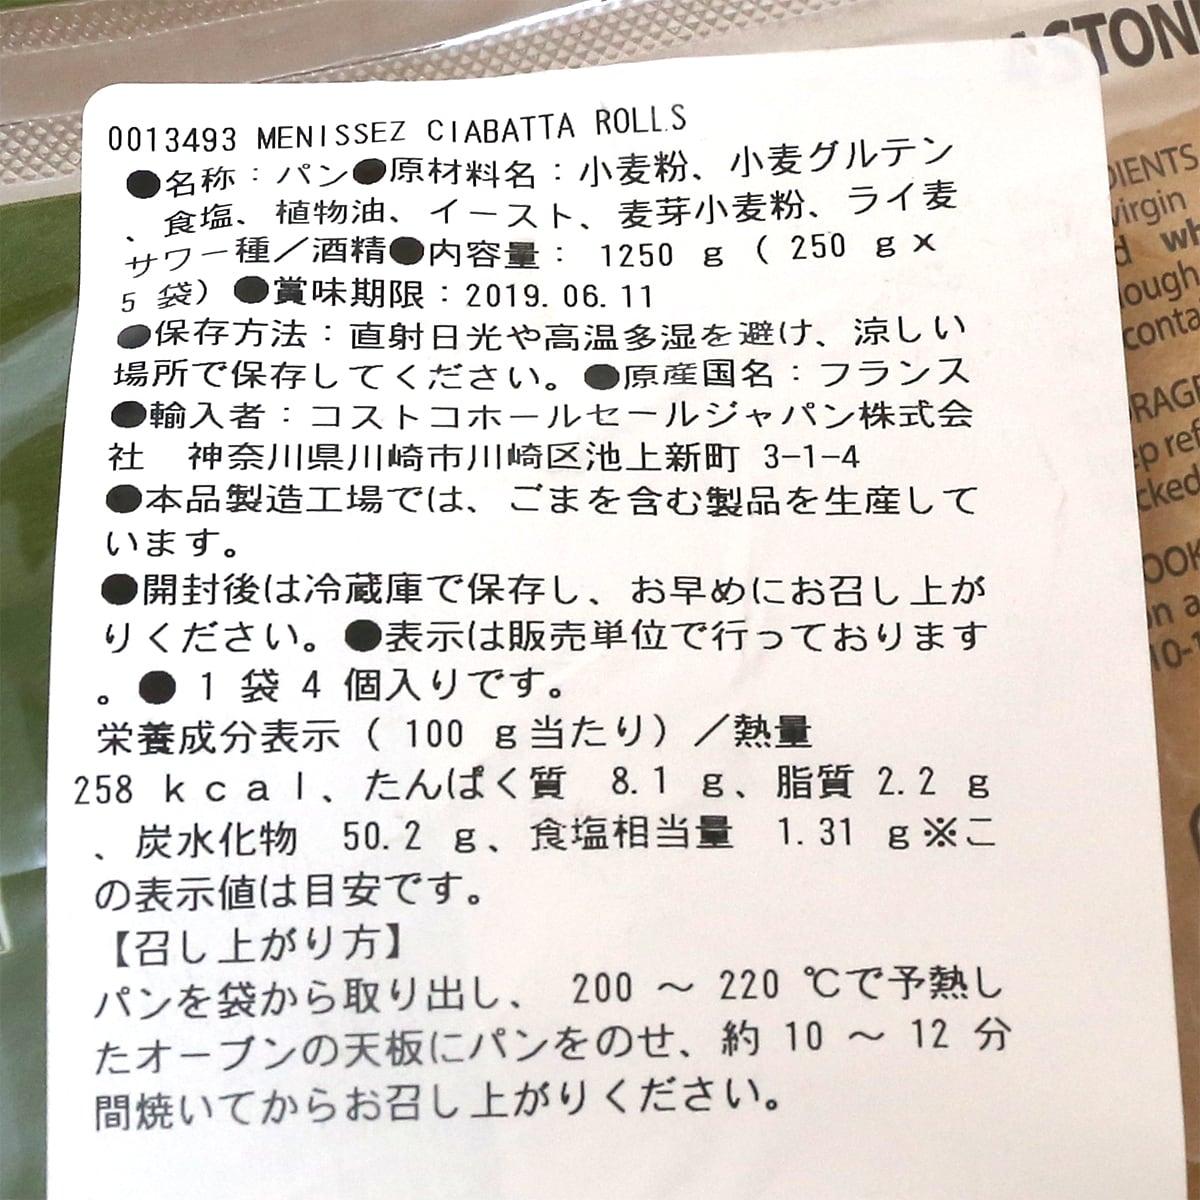 メニセーズ チャバッタロール 商品ラベル(原材料・カロリーほか)